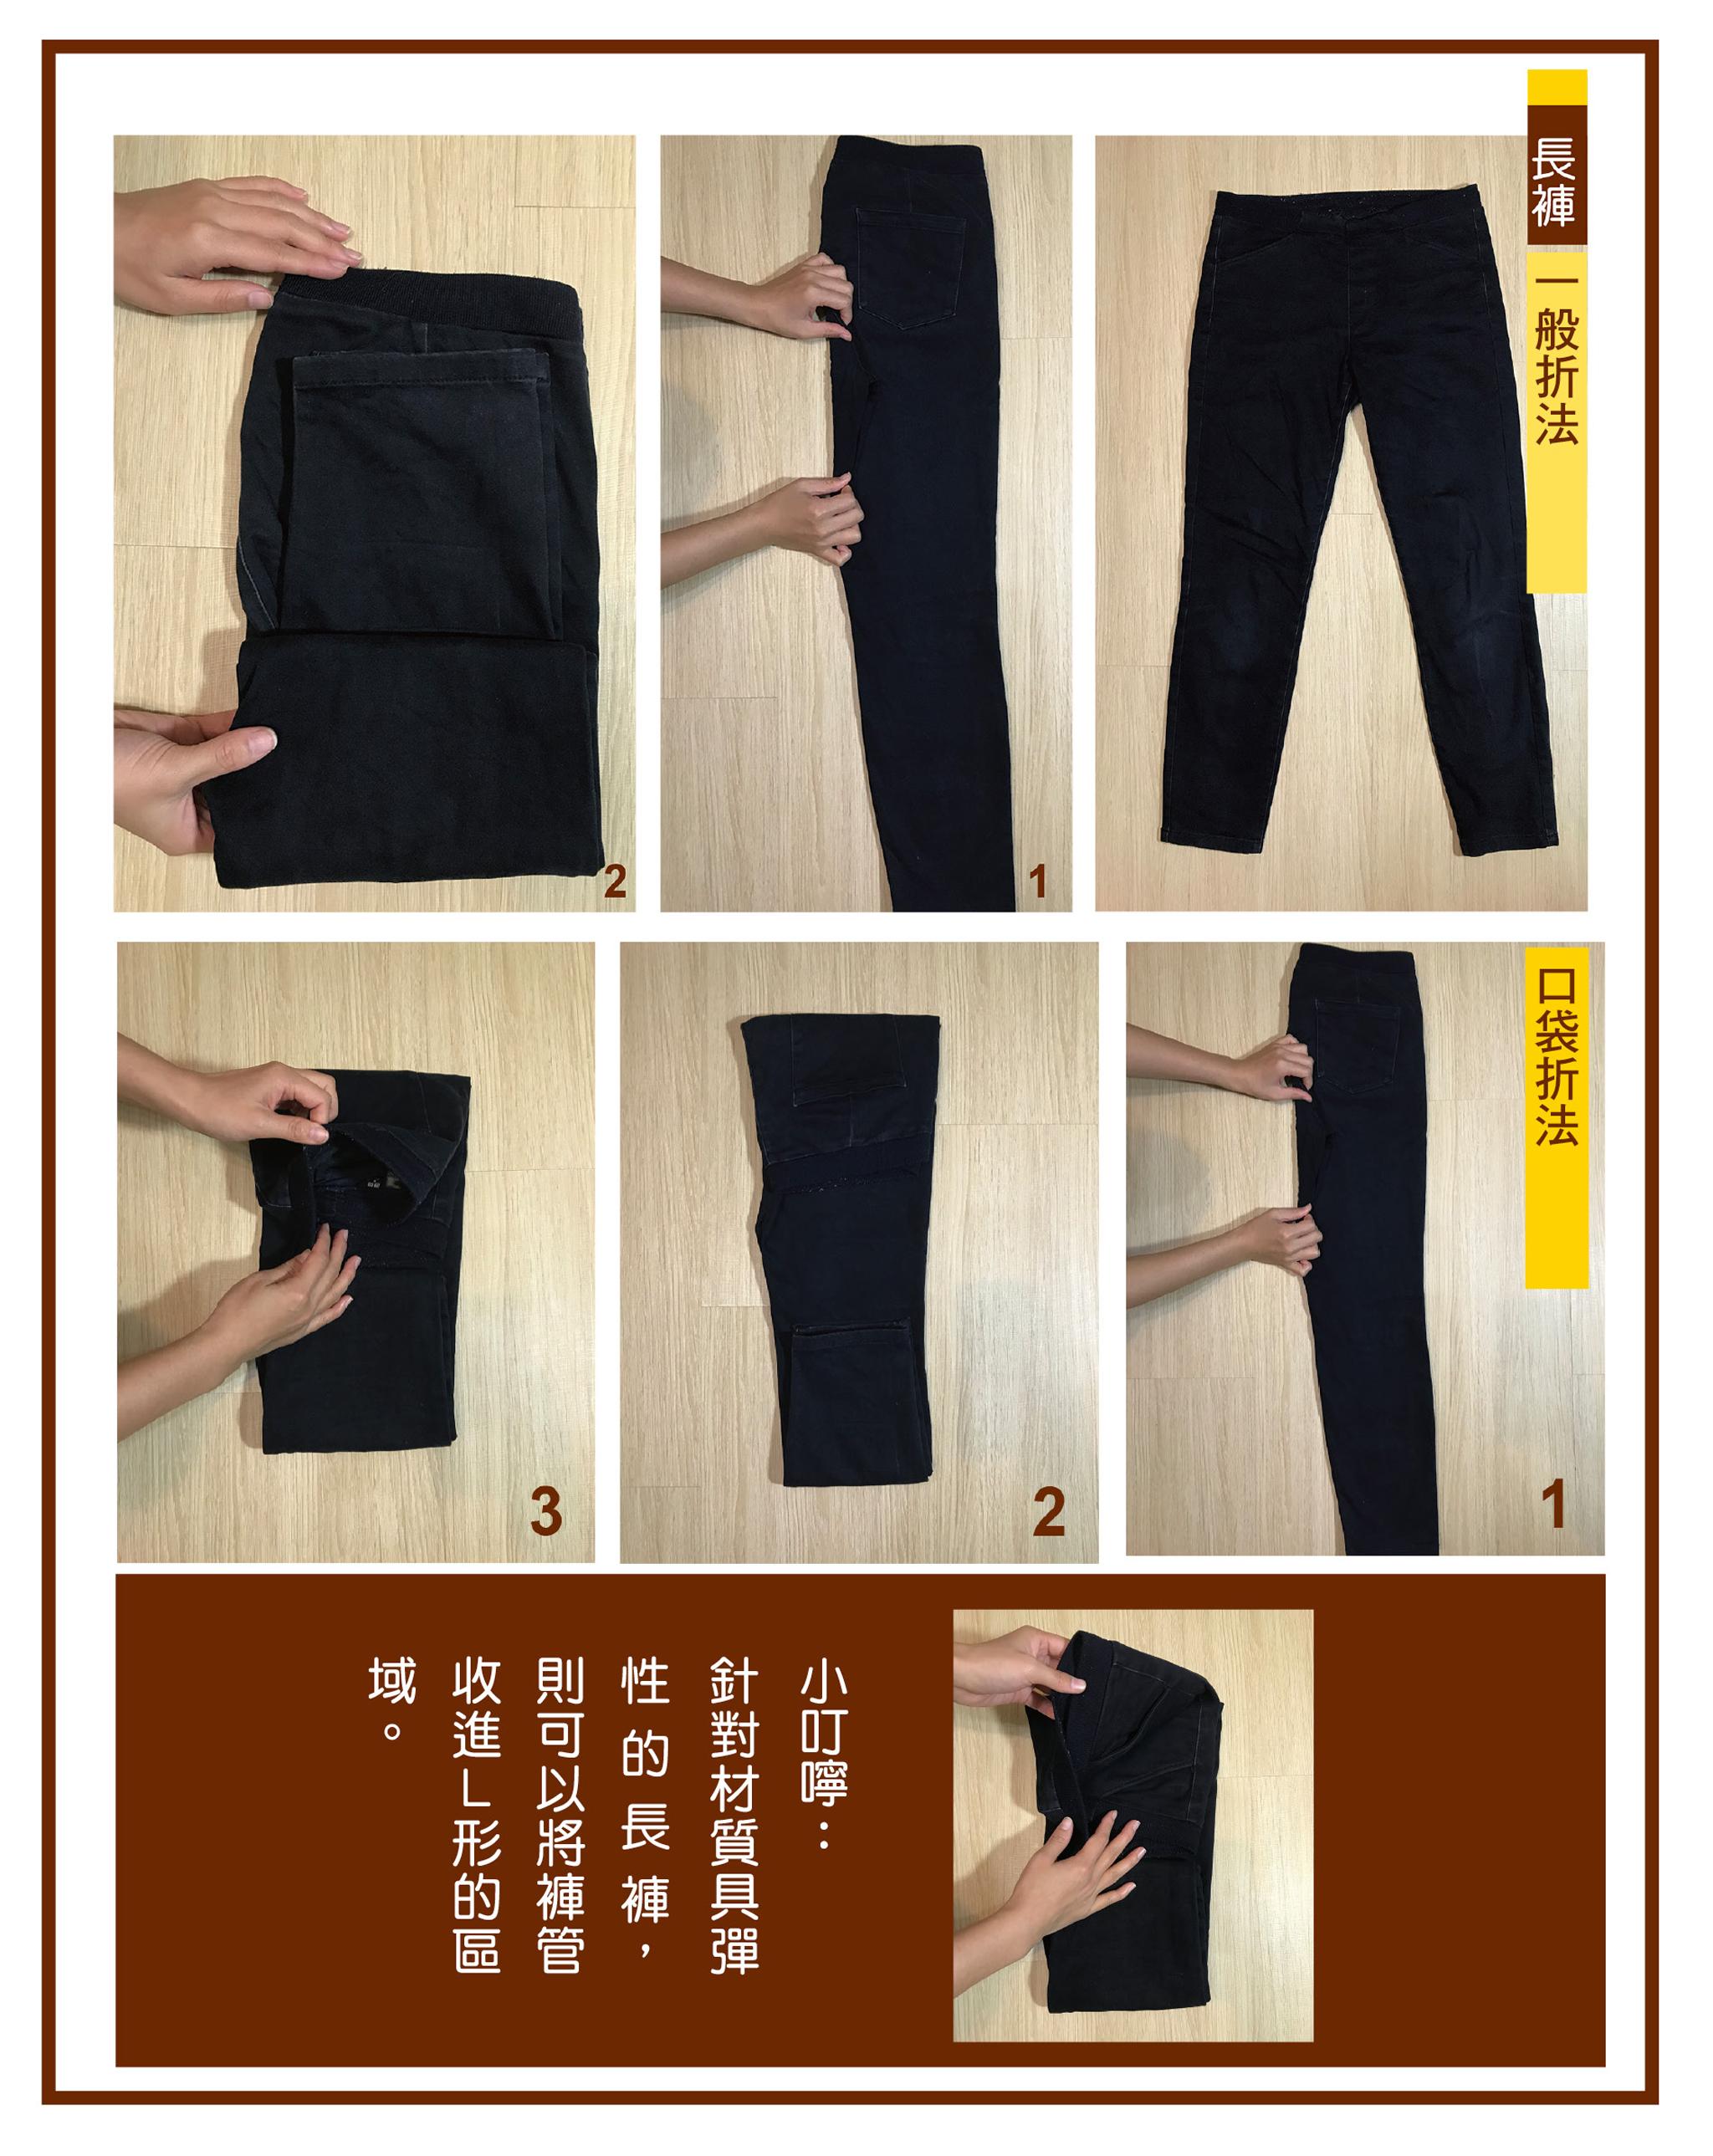 長褲折法建議。